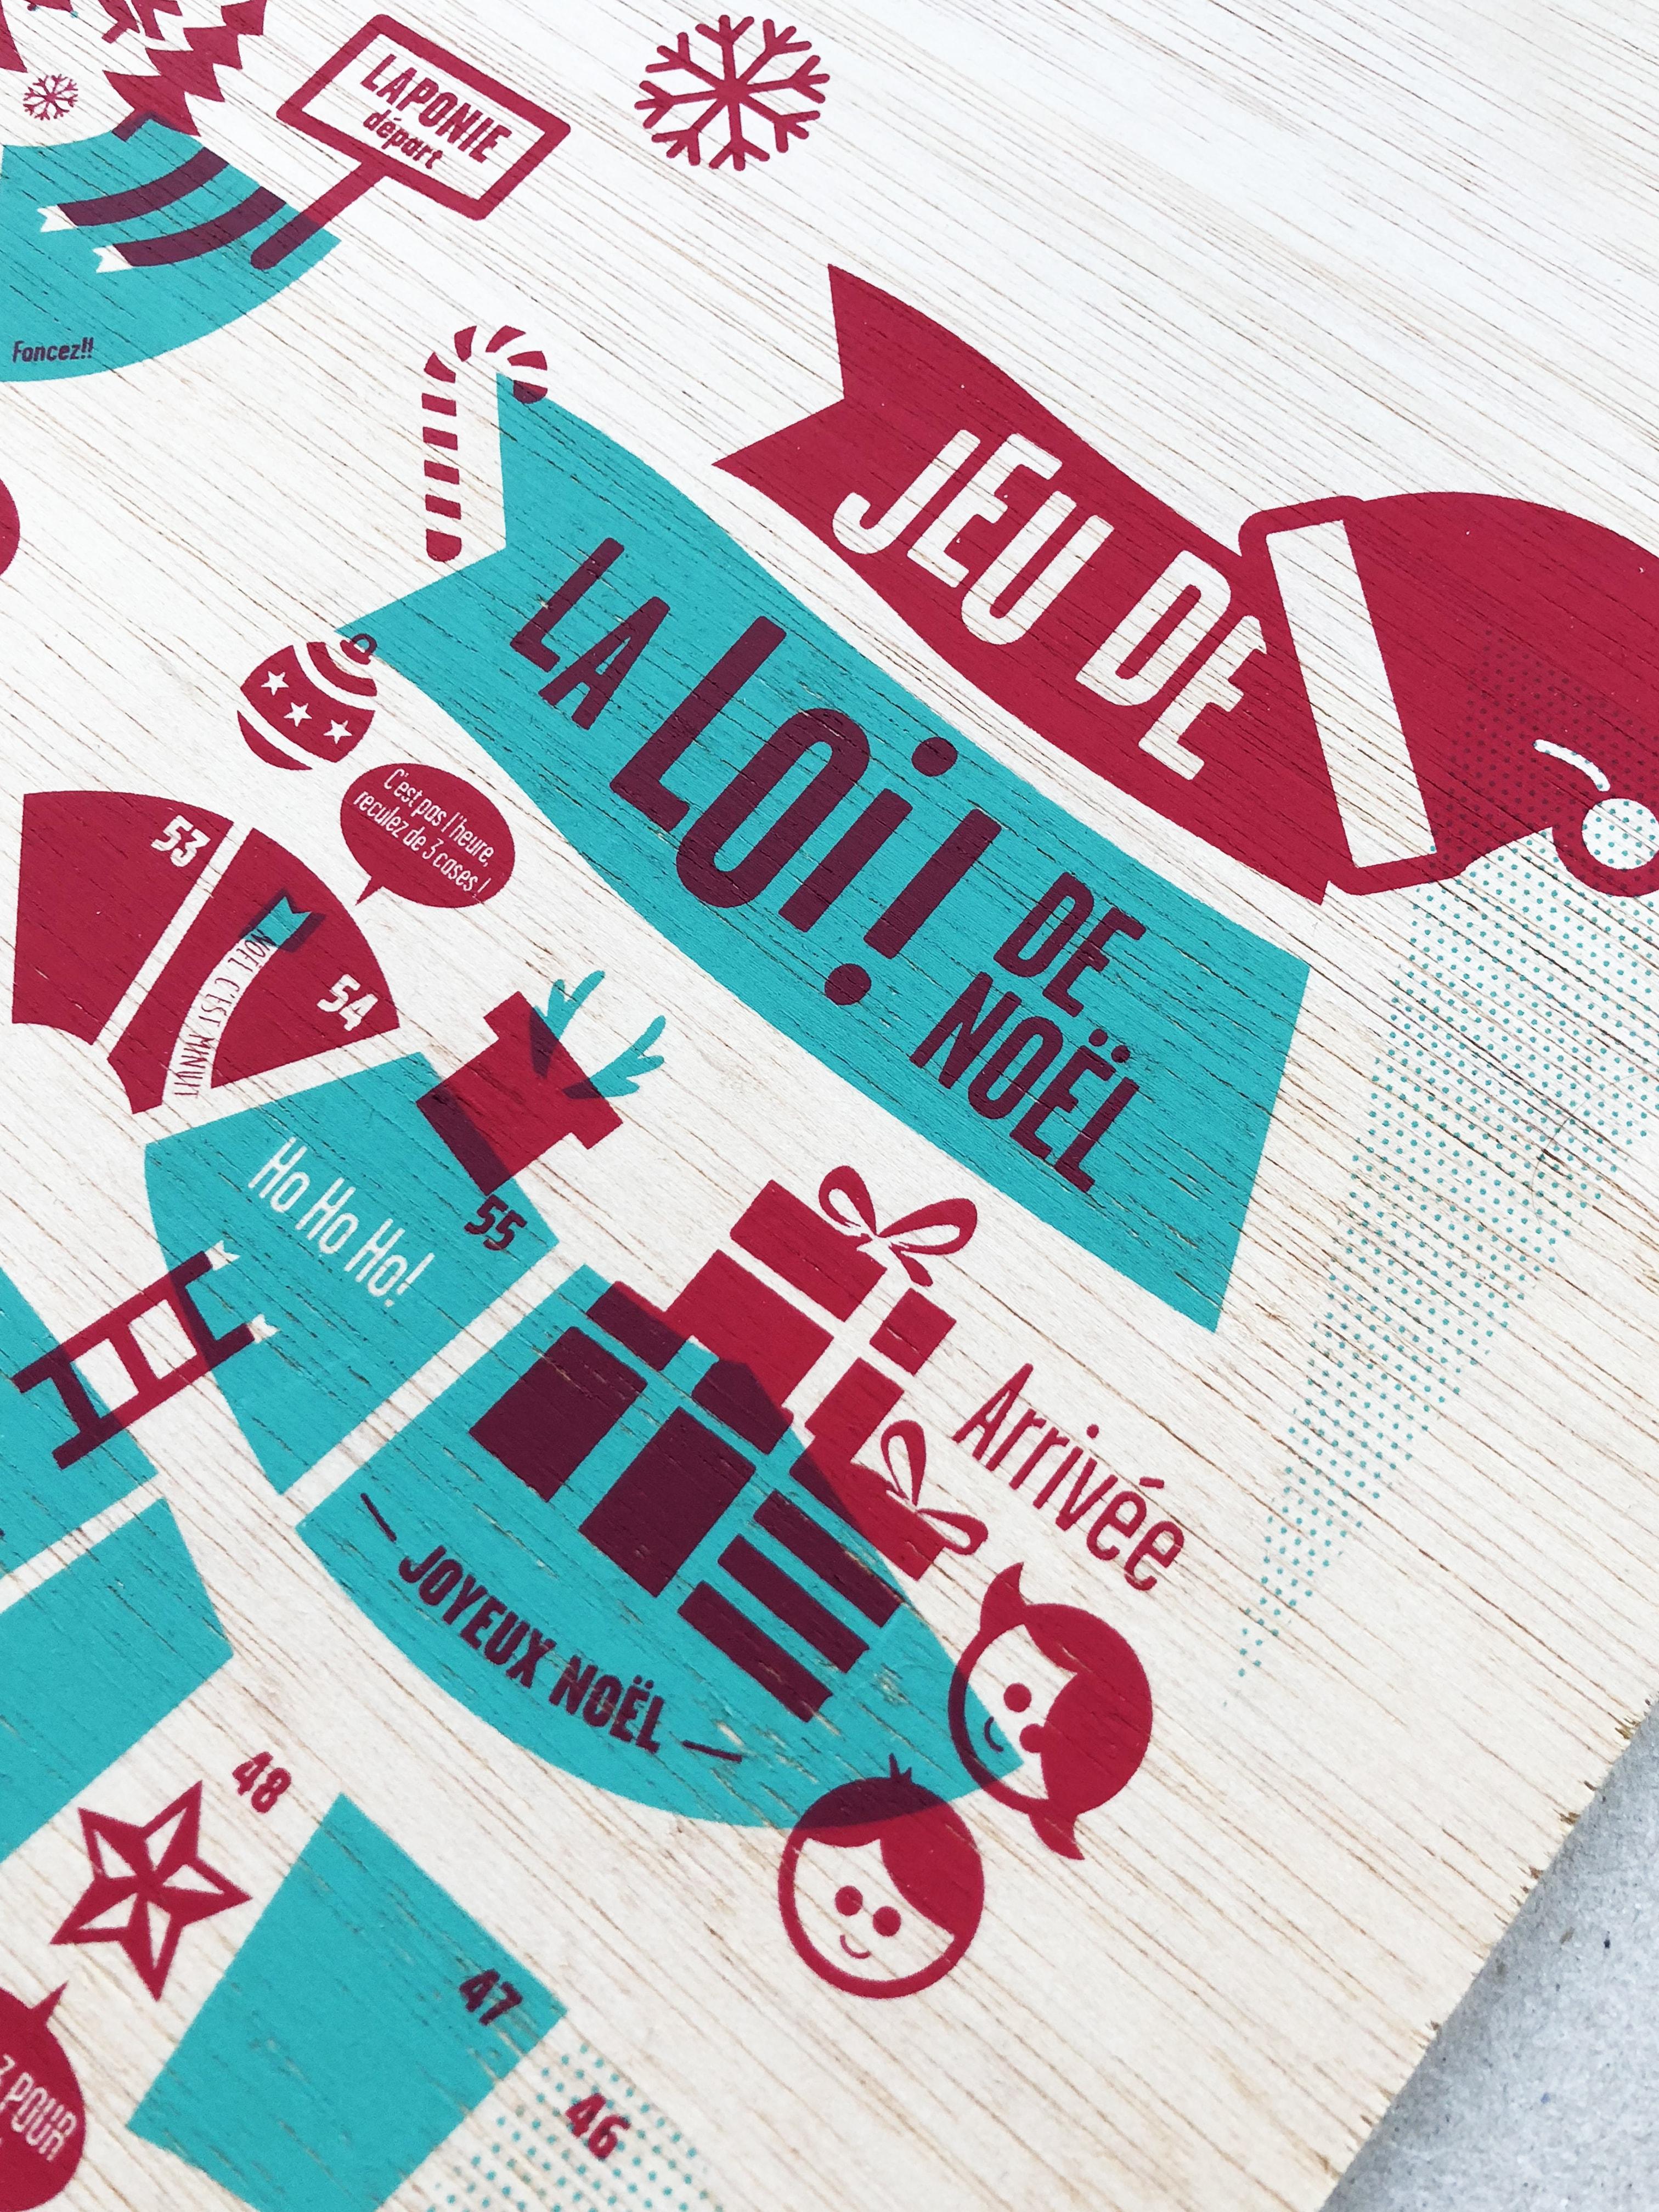 jeu-de-loie-bois-enfant-cadeau-faitmain-serigraphie-atelier-fwells